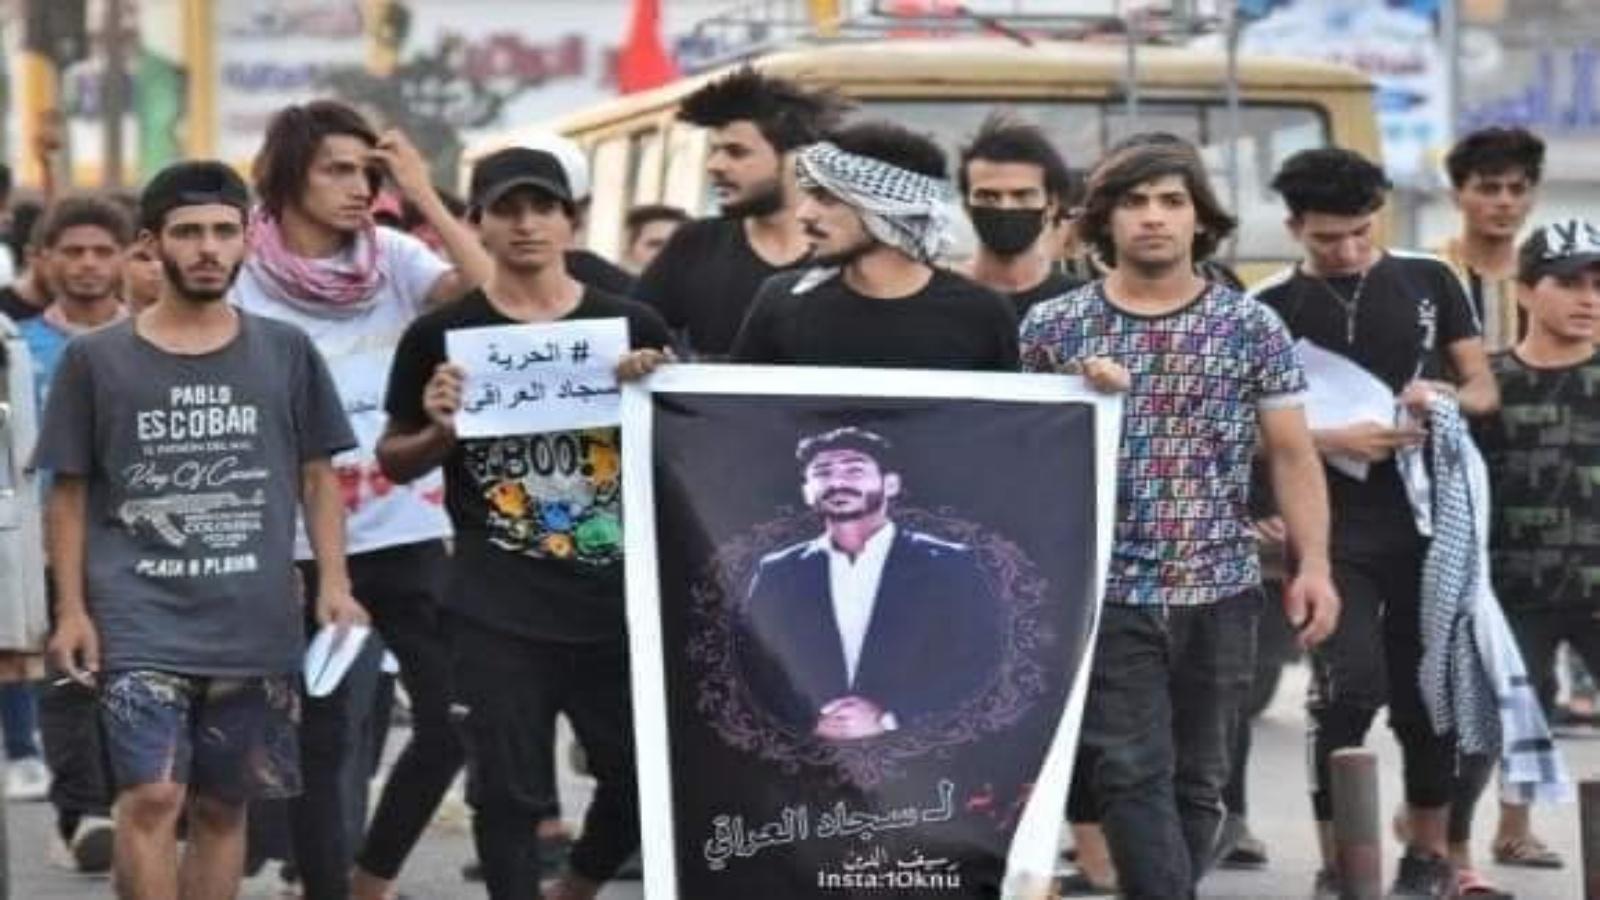 متظاهرو الناصرية يطالبون بتحرير زميلهم المختطف سجاد العراقي